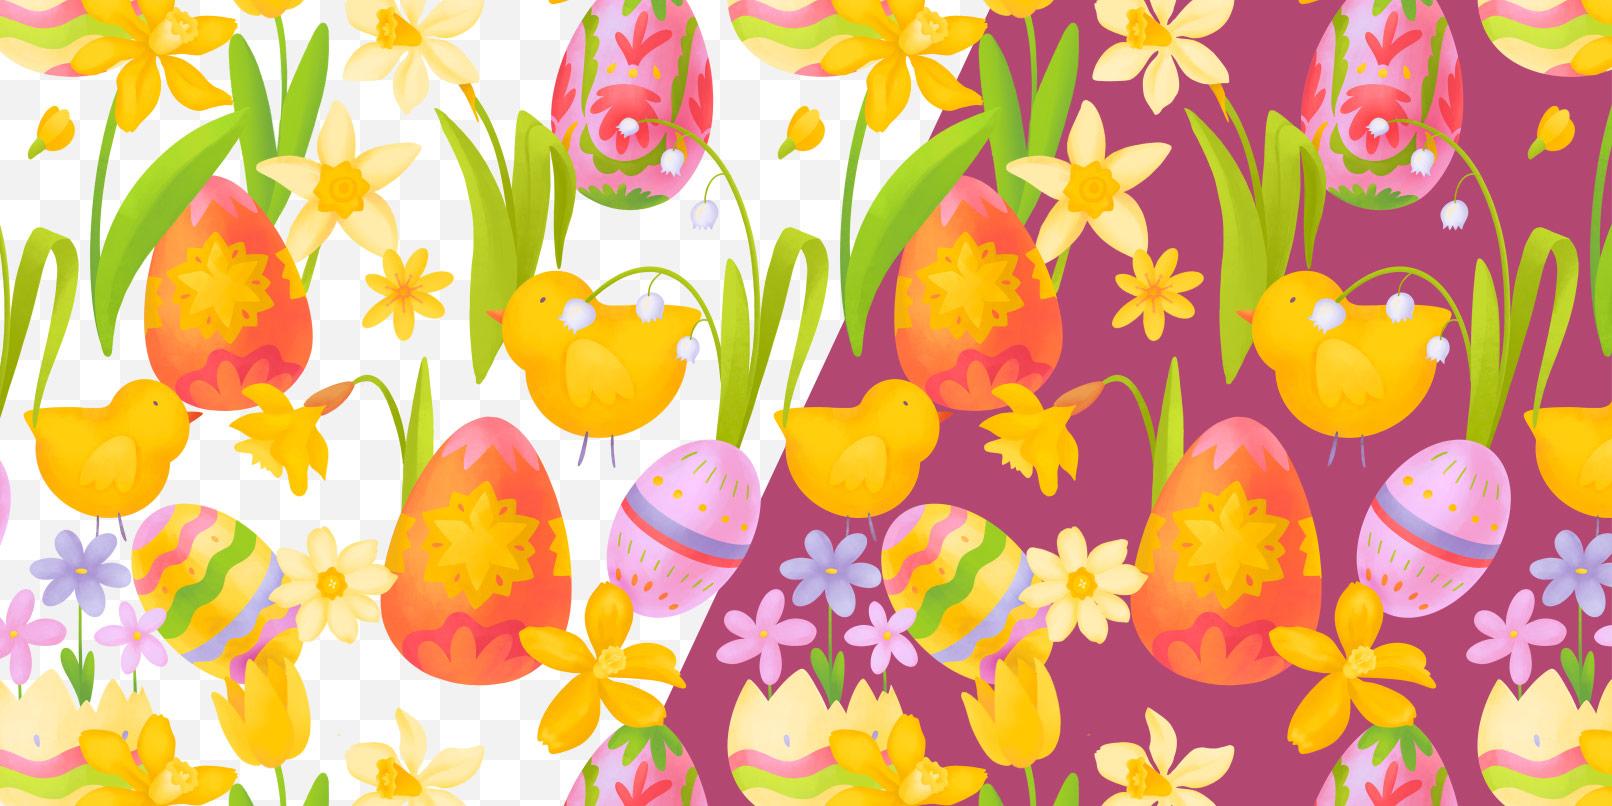 Oster-Muster mit farbigem und transparentem Hintergrund